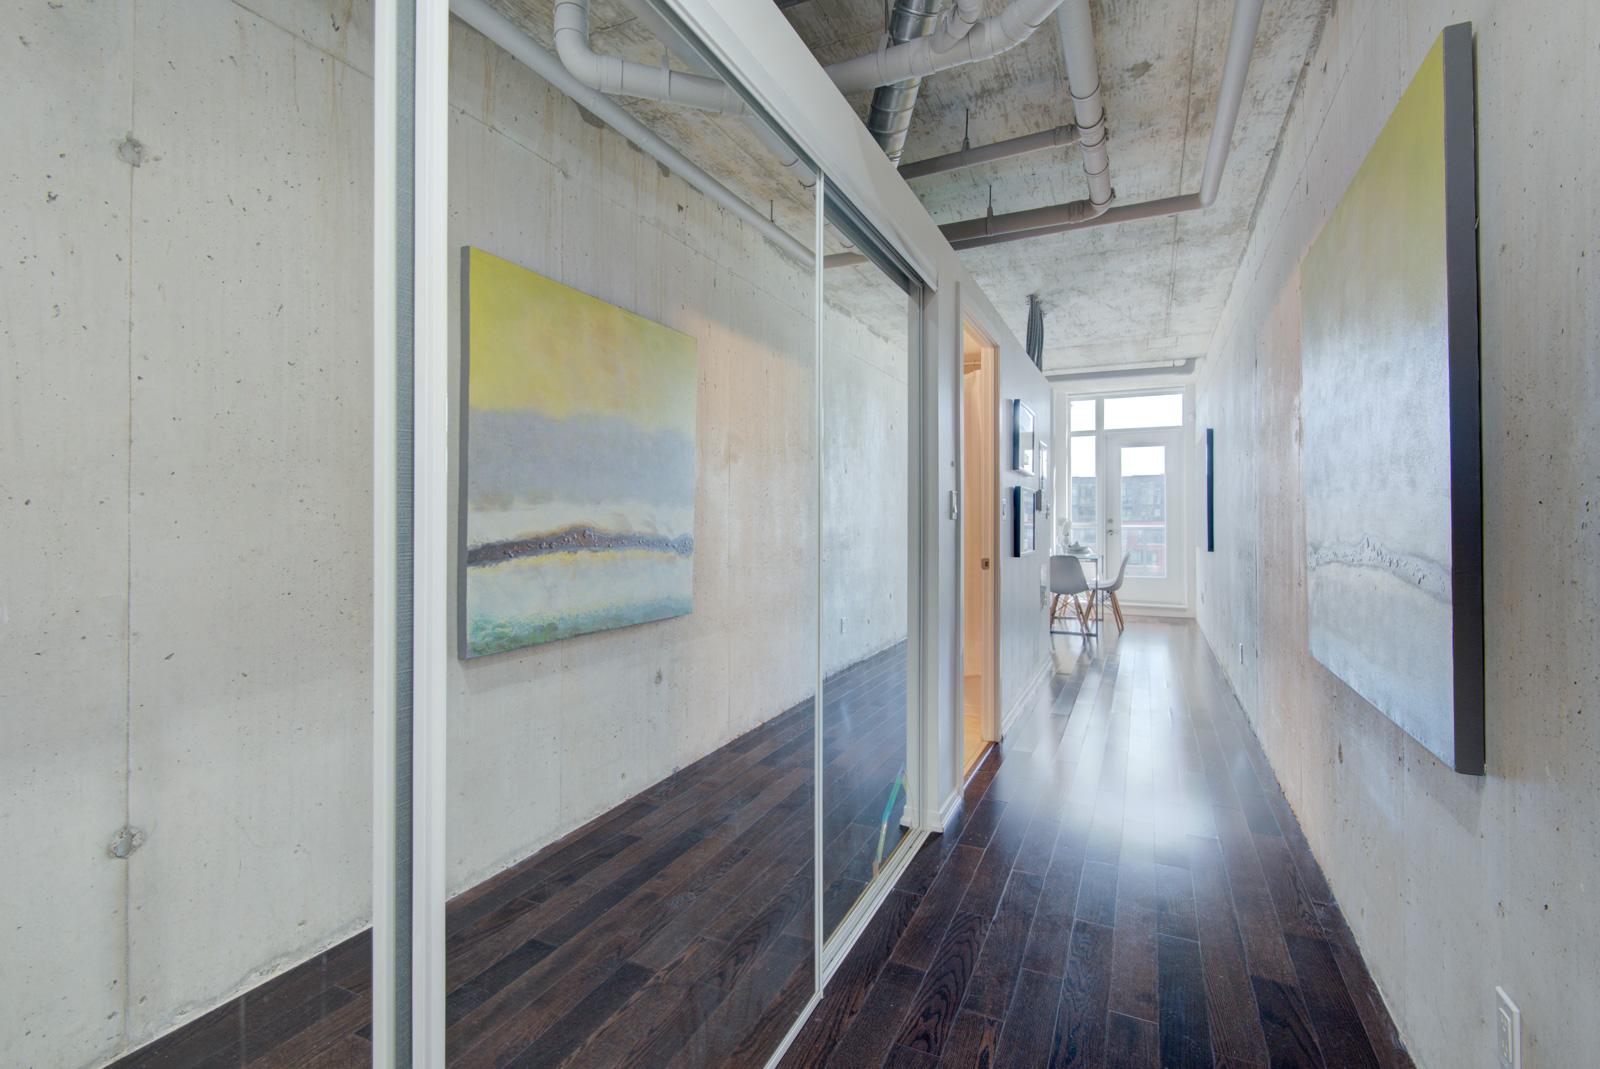 Condo hallway with mirror-door closet and exposed walls.